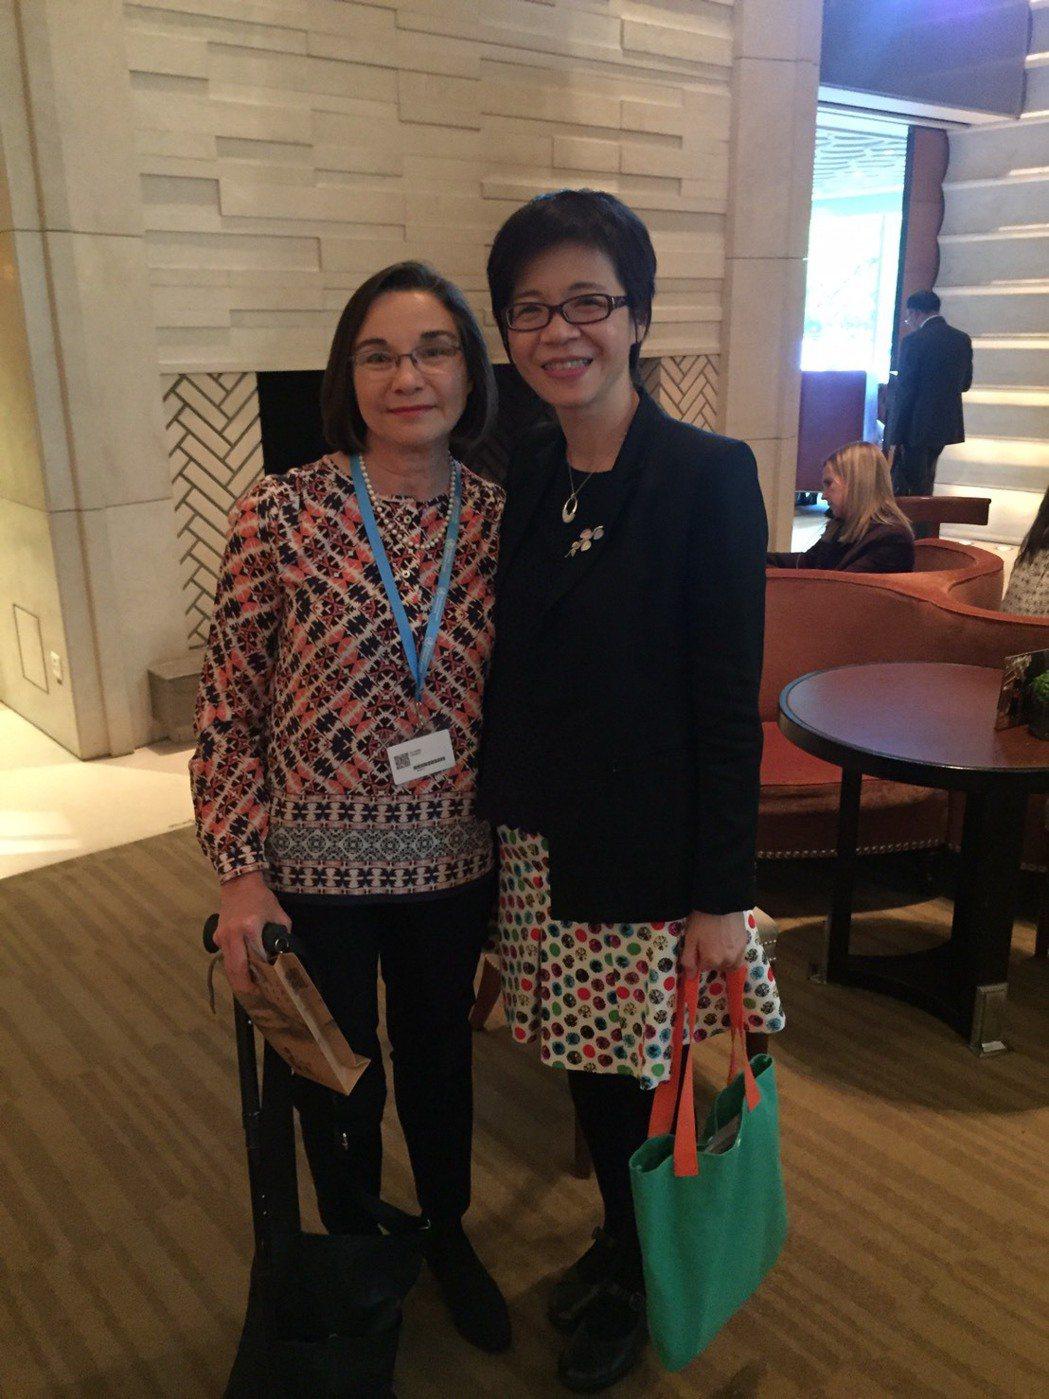 照護司長蔡淑鳳(右)與國際失智症聯盟創會理事長凱特(左)。 圖/衛福部提供